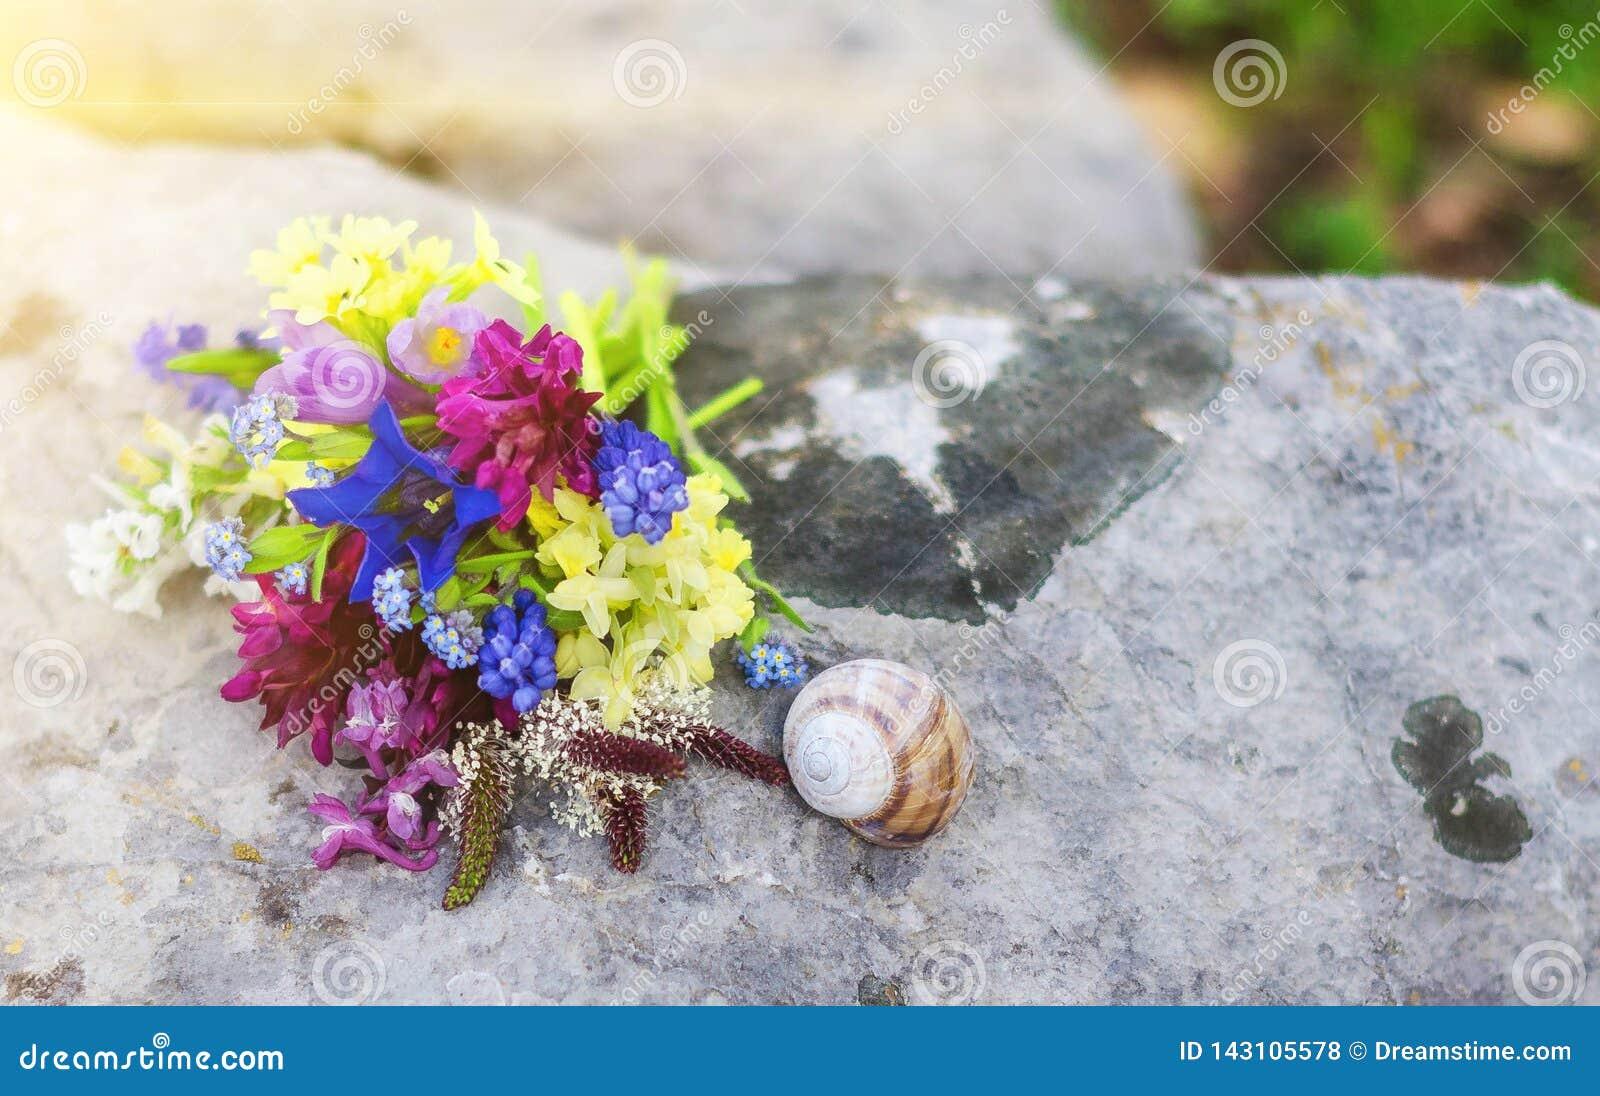 Bouquette kwiaty i ślimaczek na dużym szarym głazie